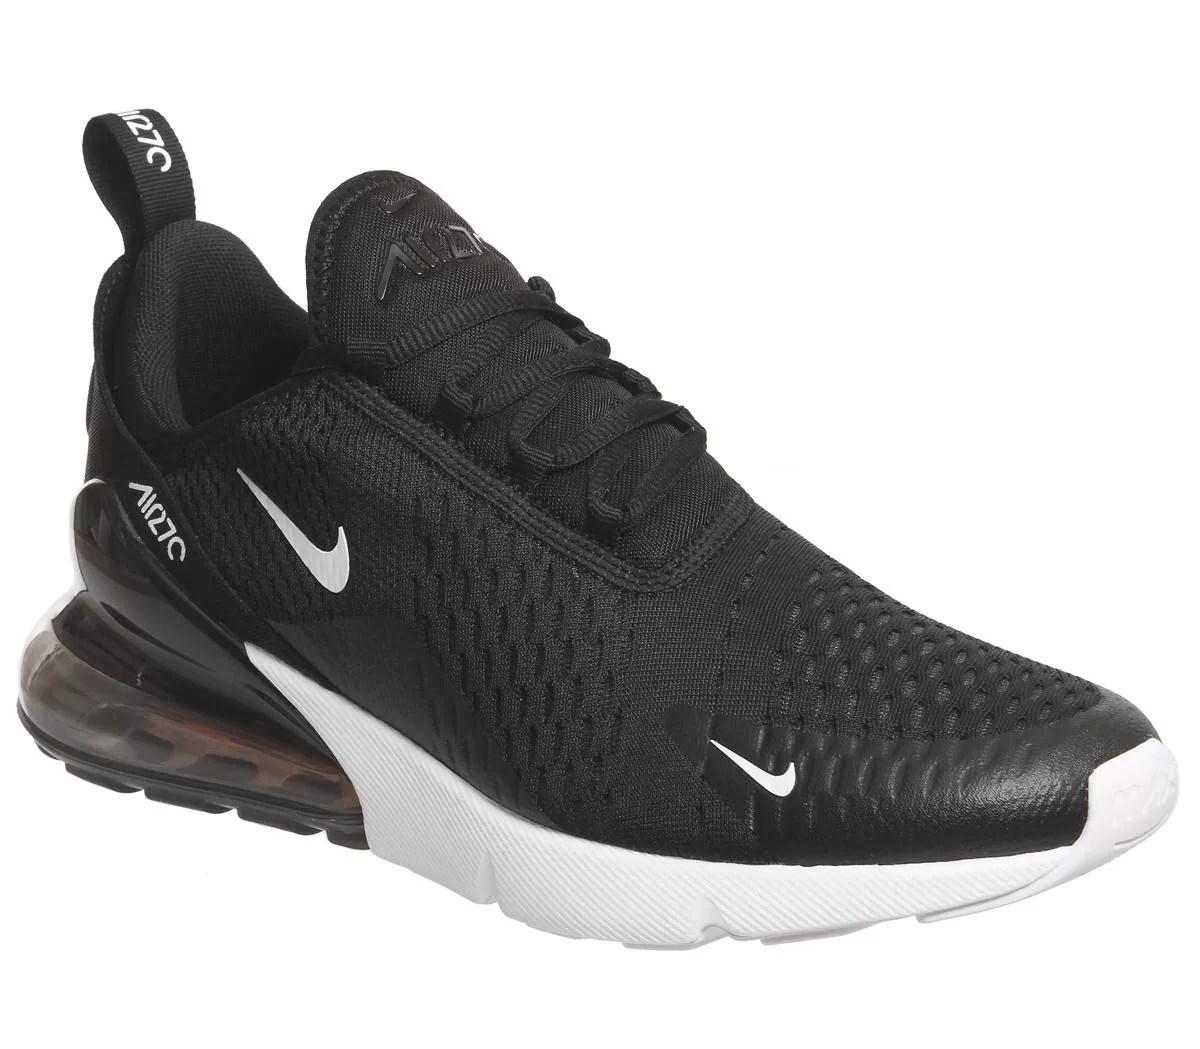 Nike Air Max 270 Best Sneakers of 2020